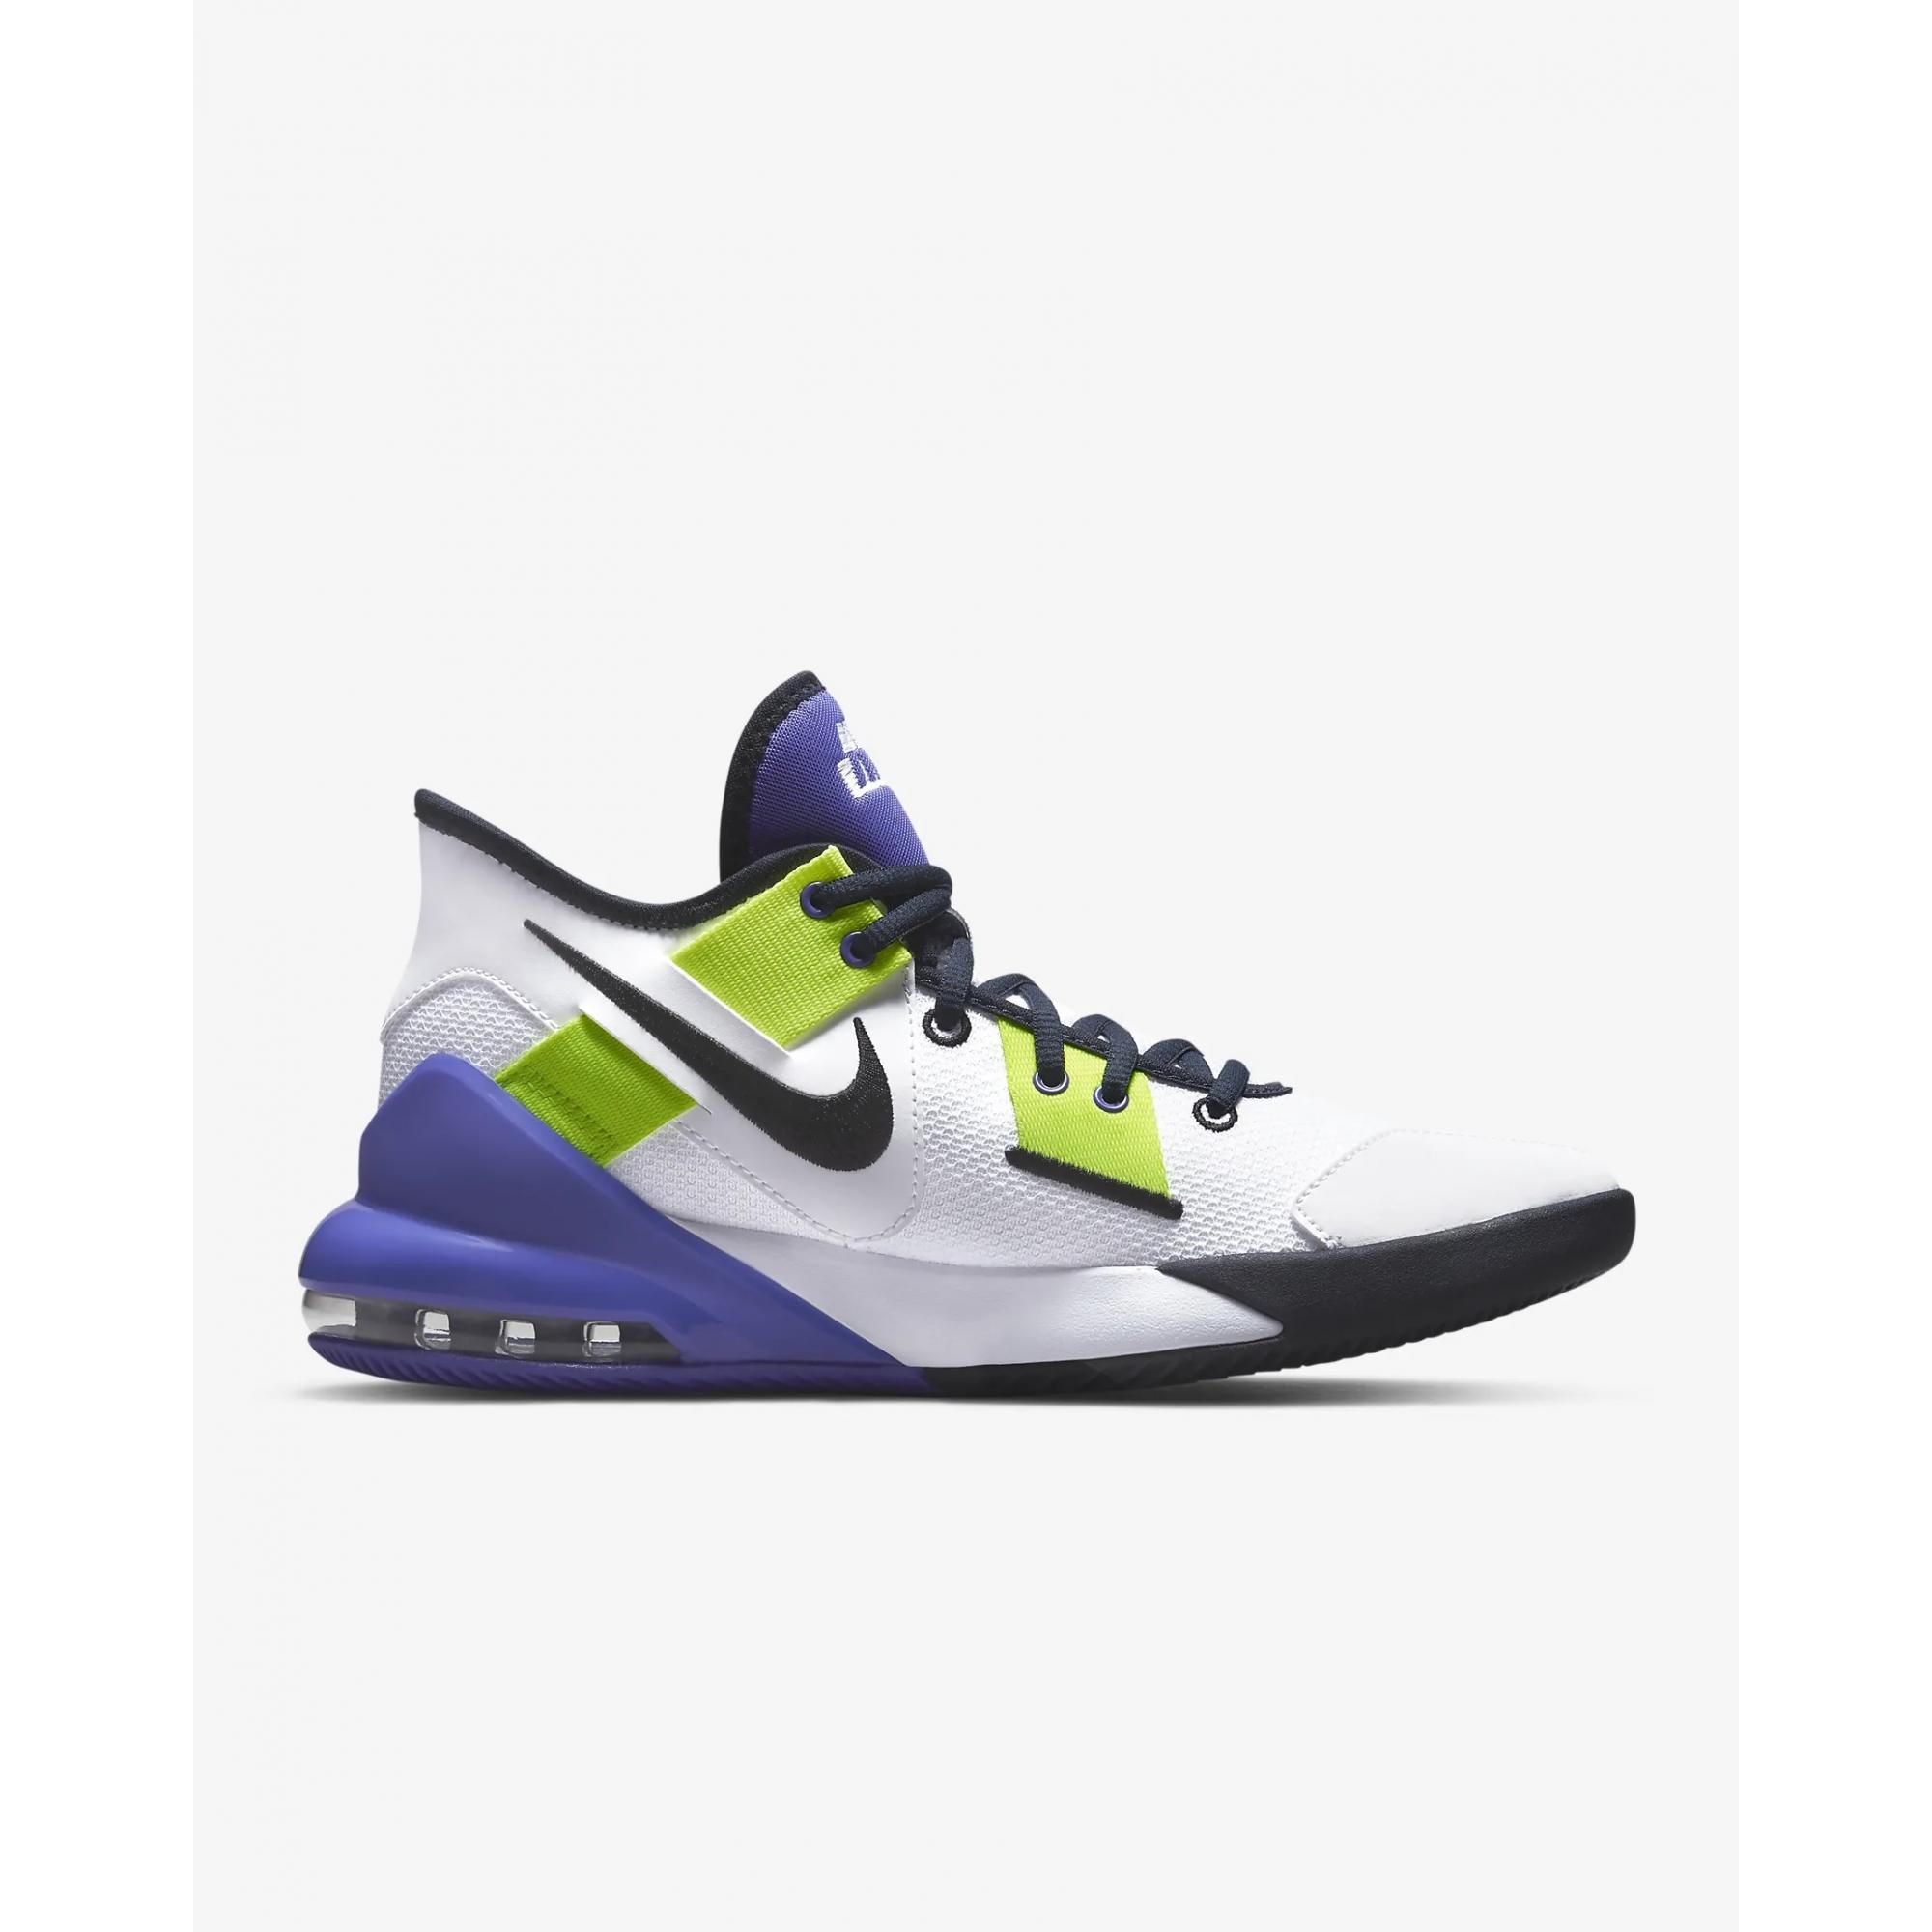 Tenis Nike Air Max Impact 2 Branco - CQ9382